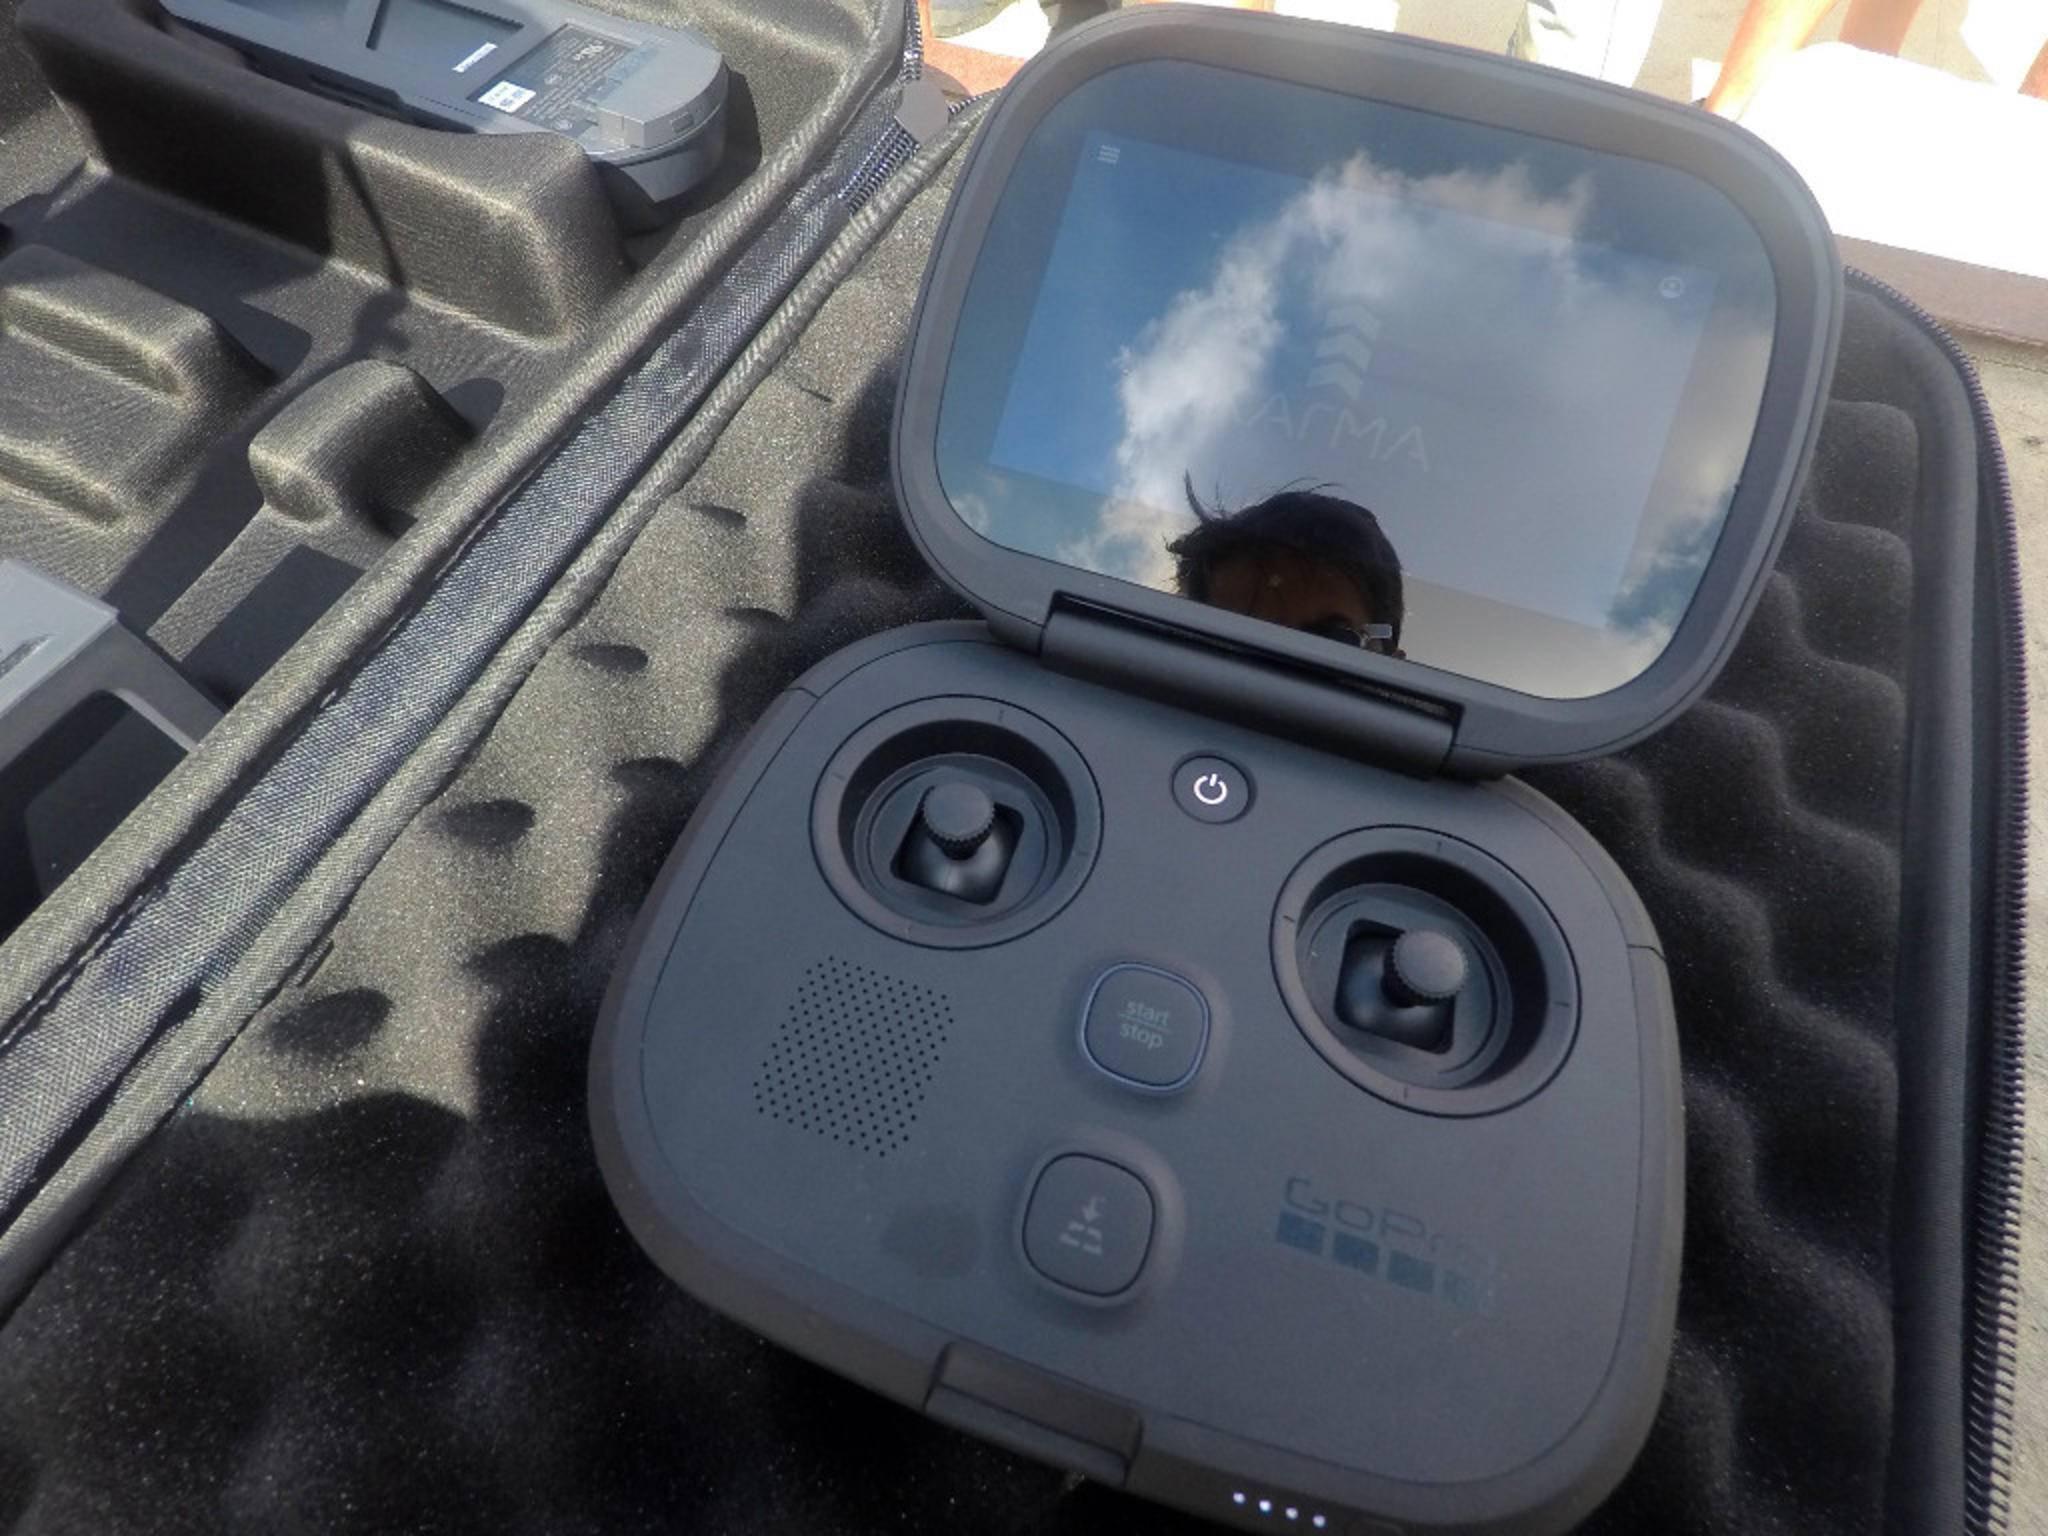 GoPro Karma Controller.jpg